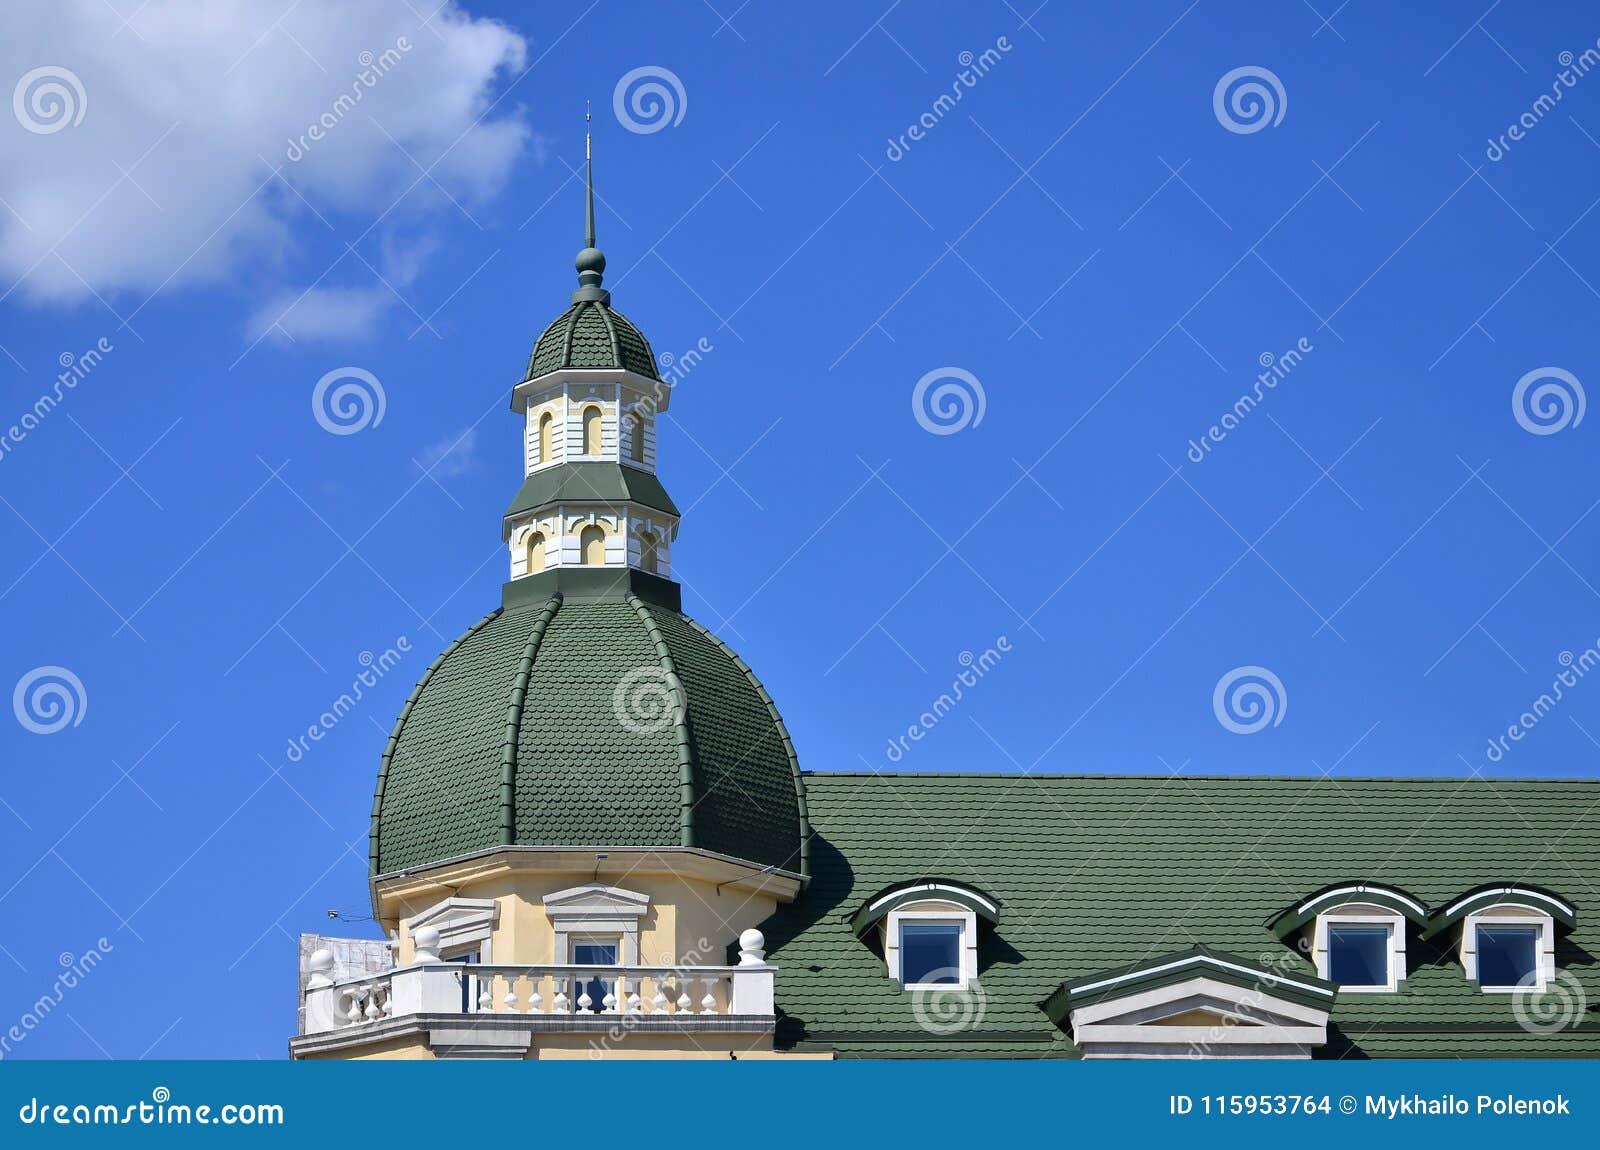 Lavori di alta qualità perfetti ultimati del tetto dal tetto del metallo La cupola di una forma polyhedral con una guglia è coper